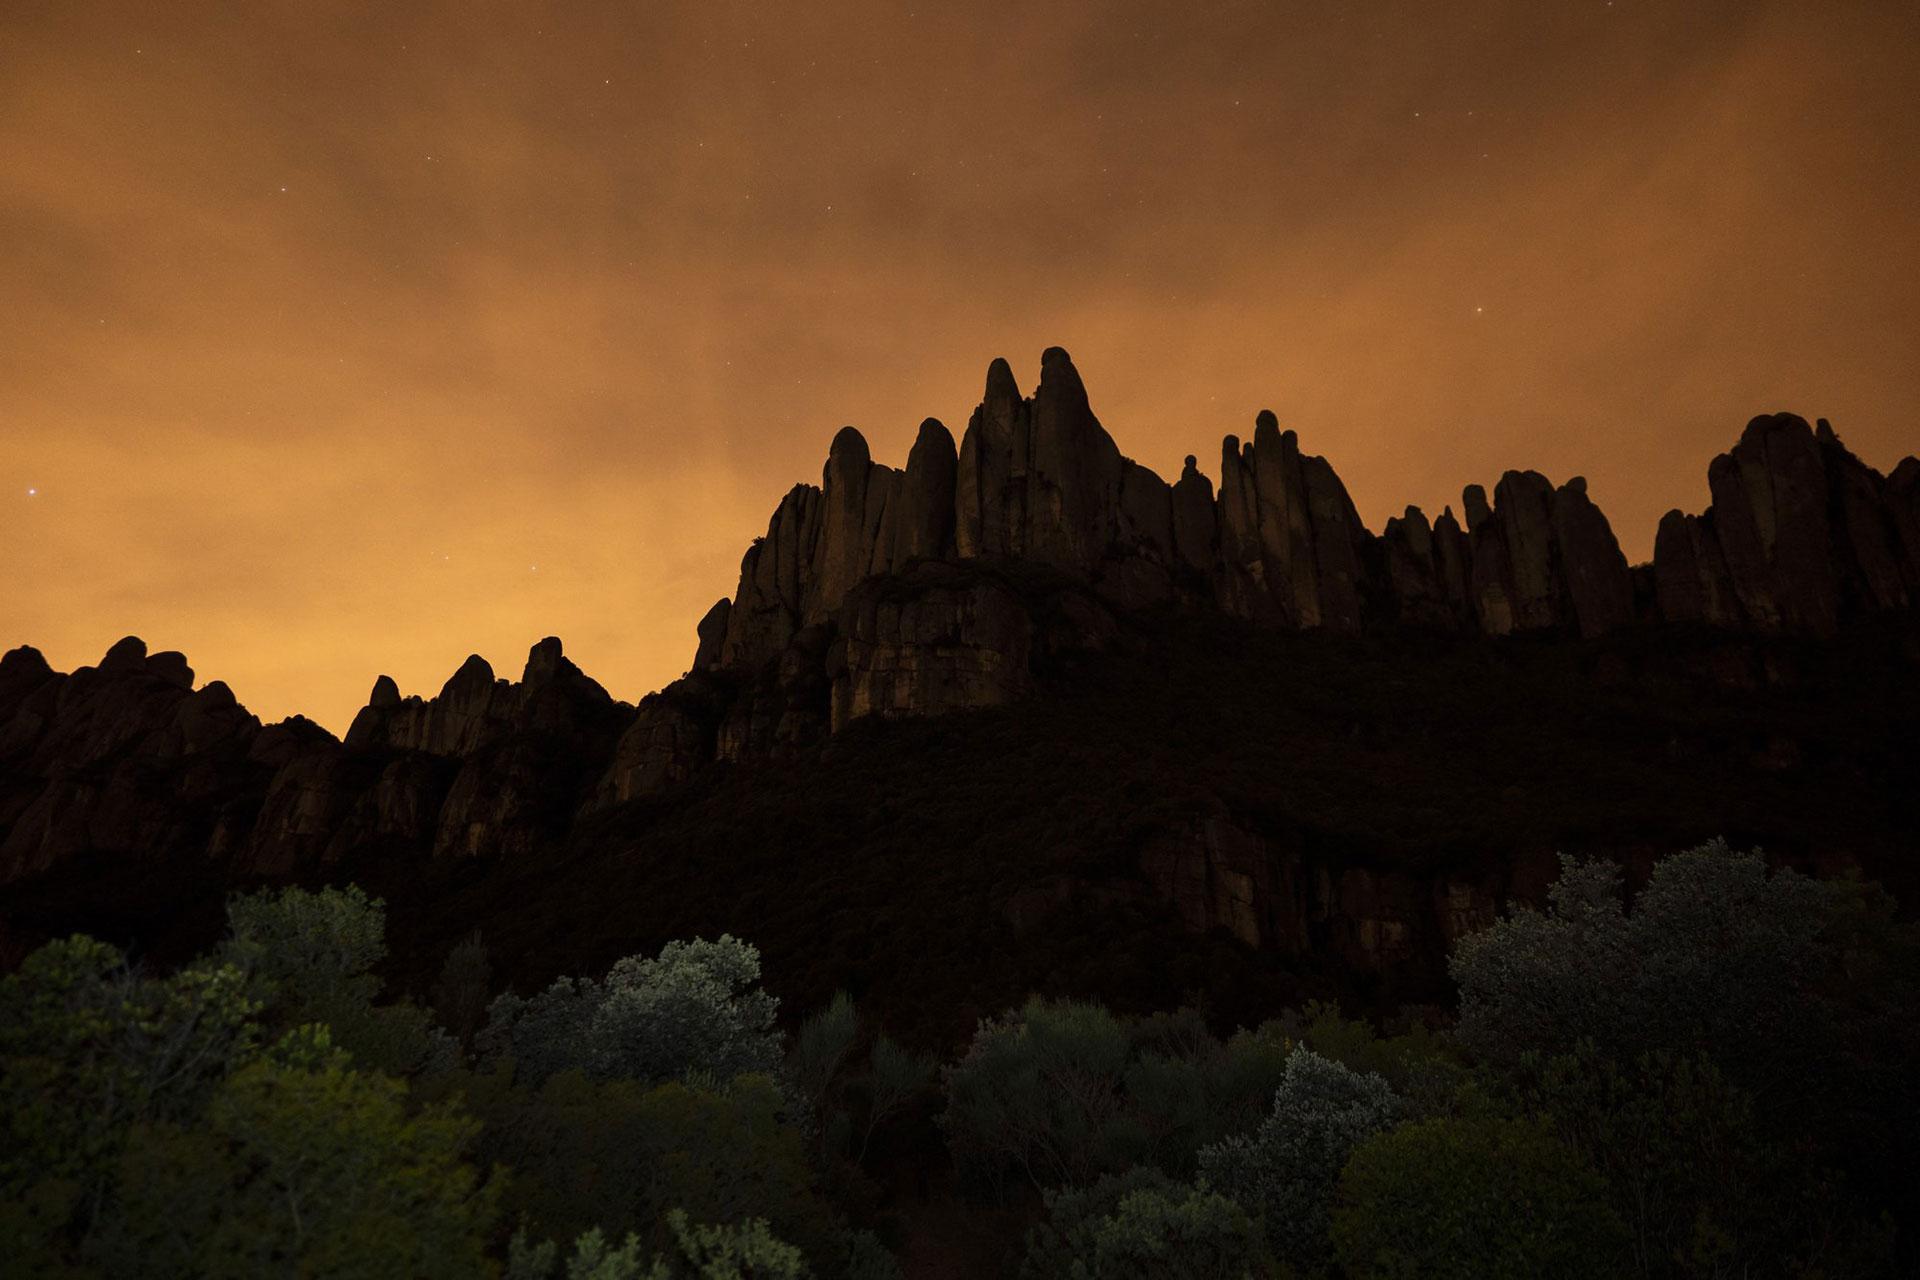 La cadena montañosa de Montserrat, a las afueras de Barcelona, se levanta mientras el sol se pone el viernes 24 de abril de 2020. (Foto AP / Felipe Dana)